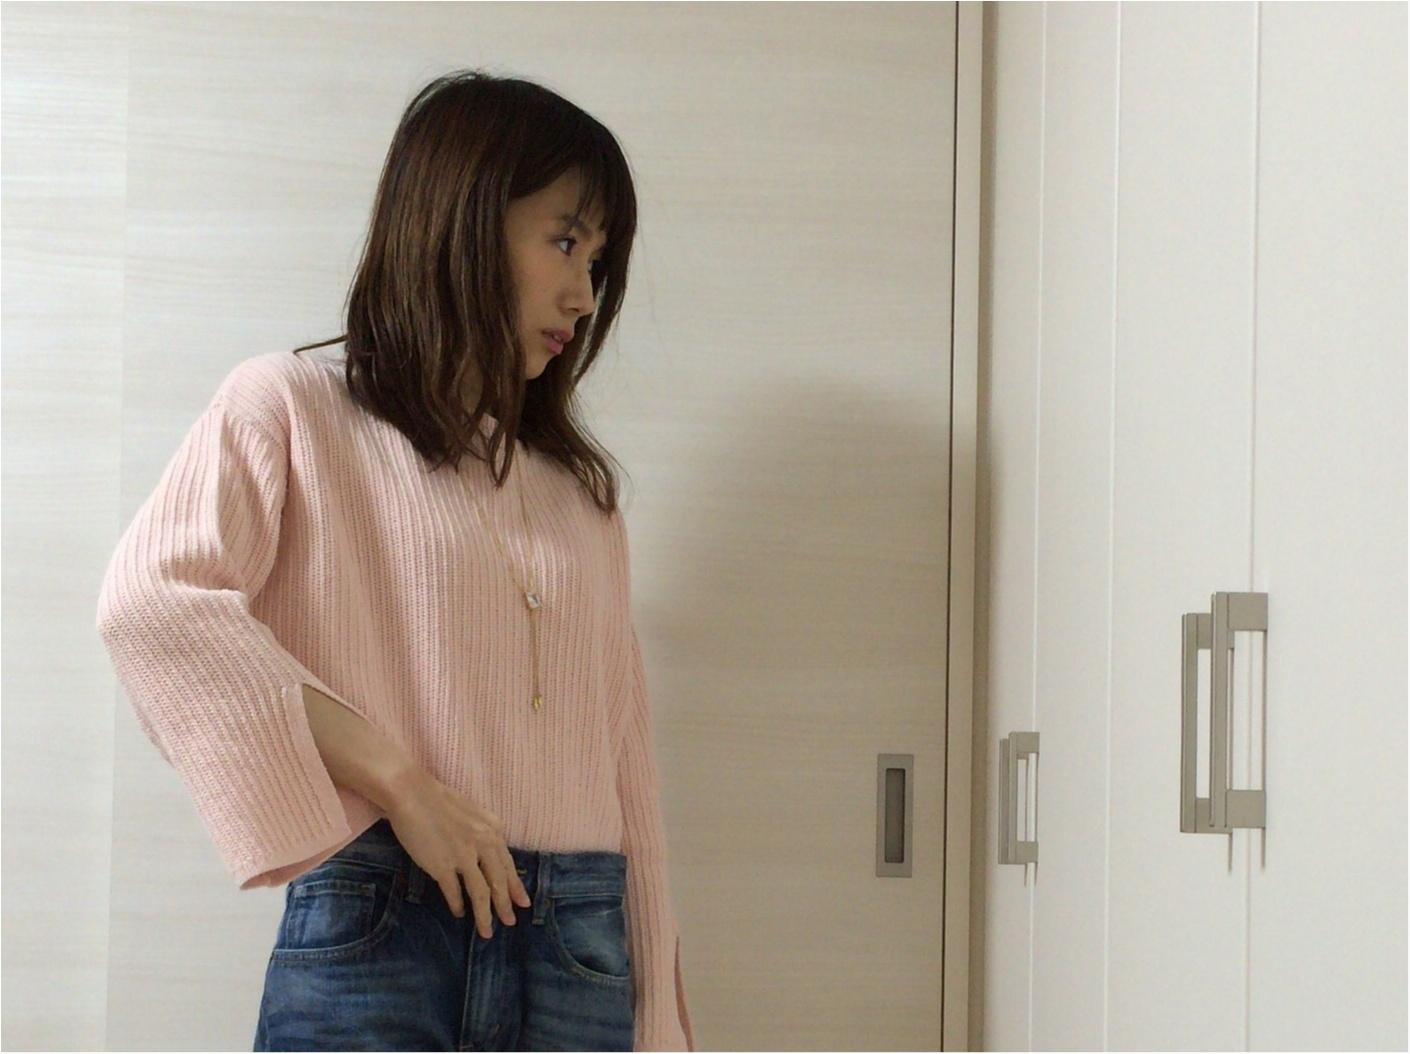 【GU春新作】流行る!馴染みピンクのお袖フレア可愛い♡《カフスリットセーター》_4